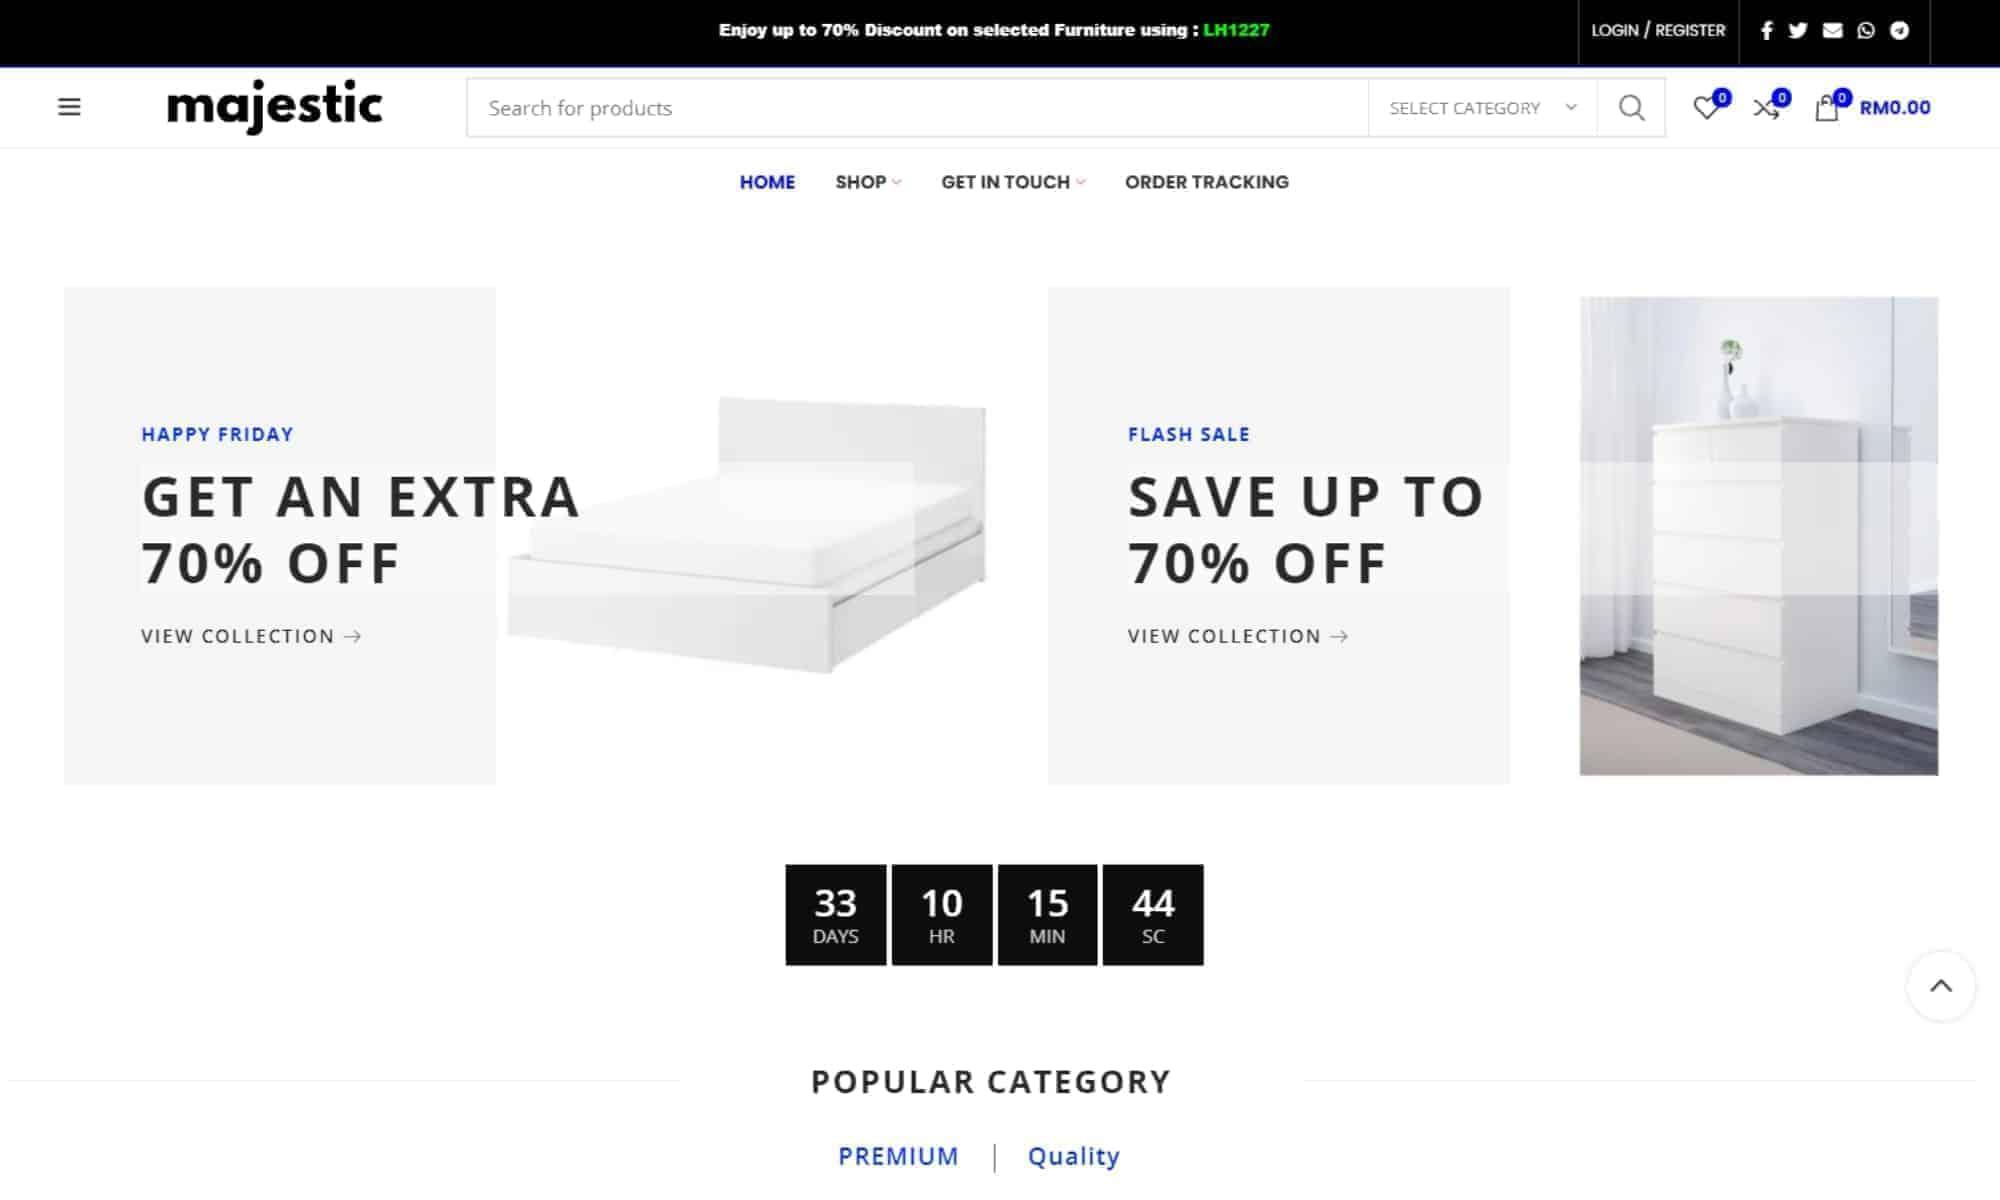 LJK Digital Empire - Affordable eCommerce Design Agency - 1